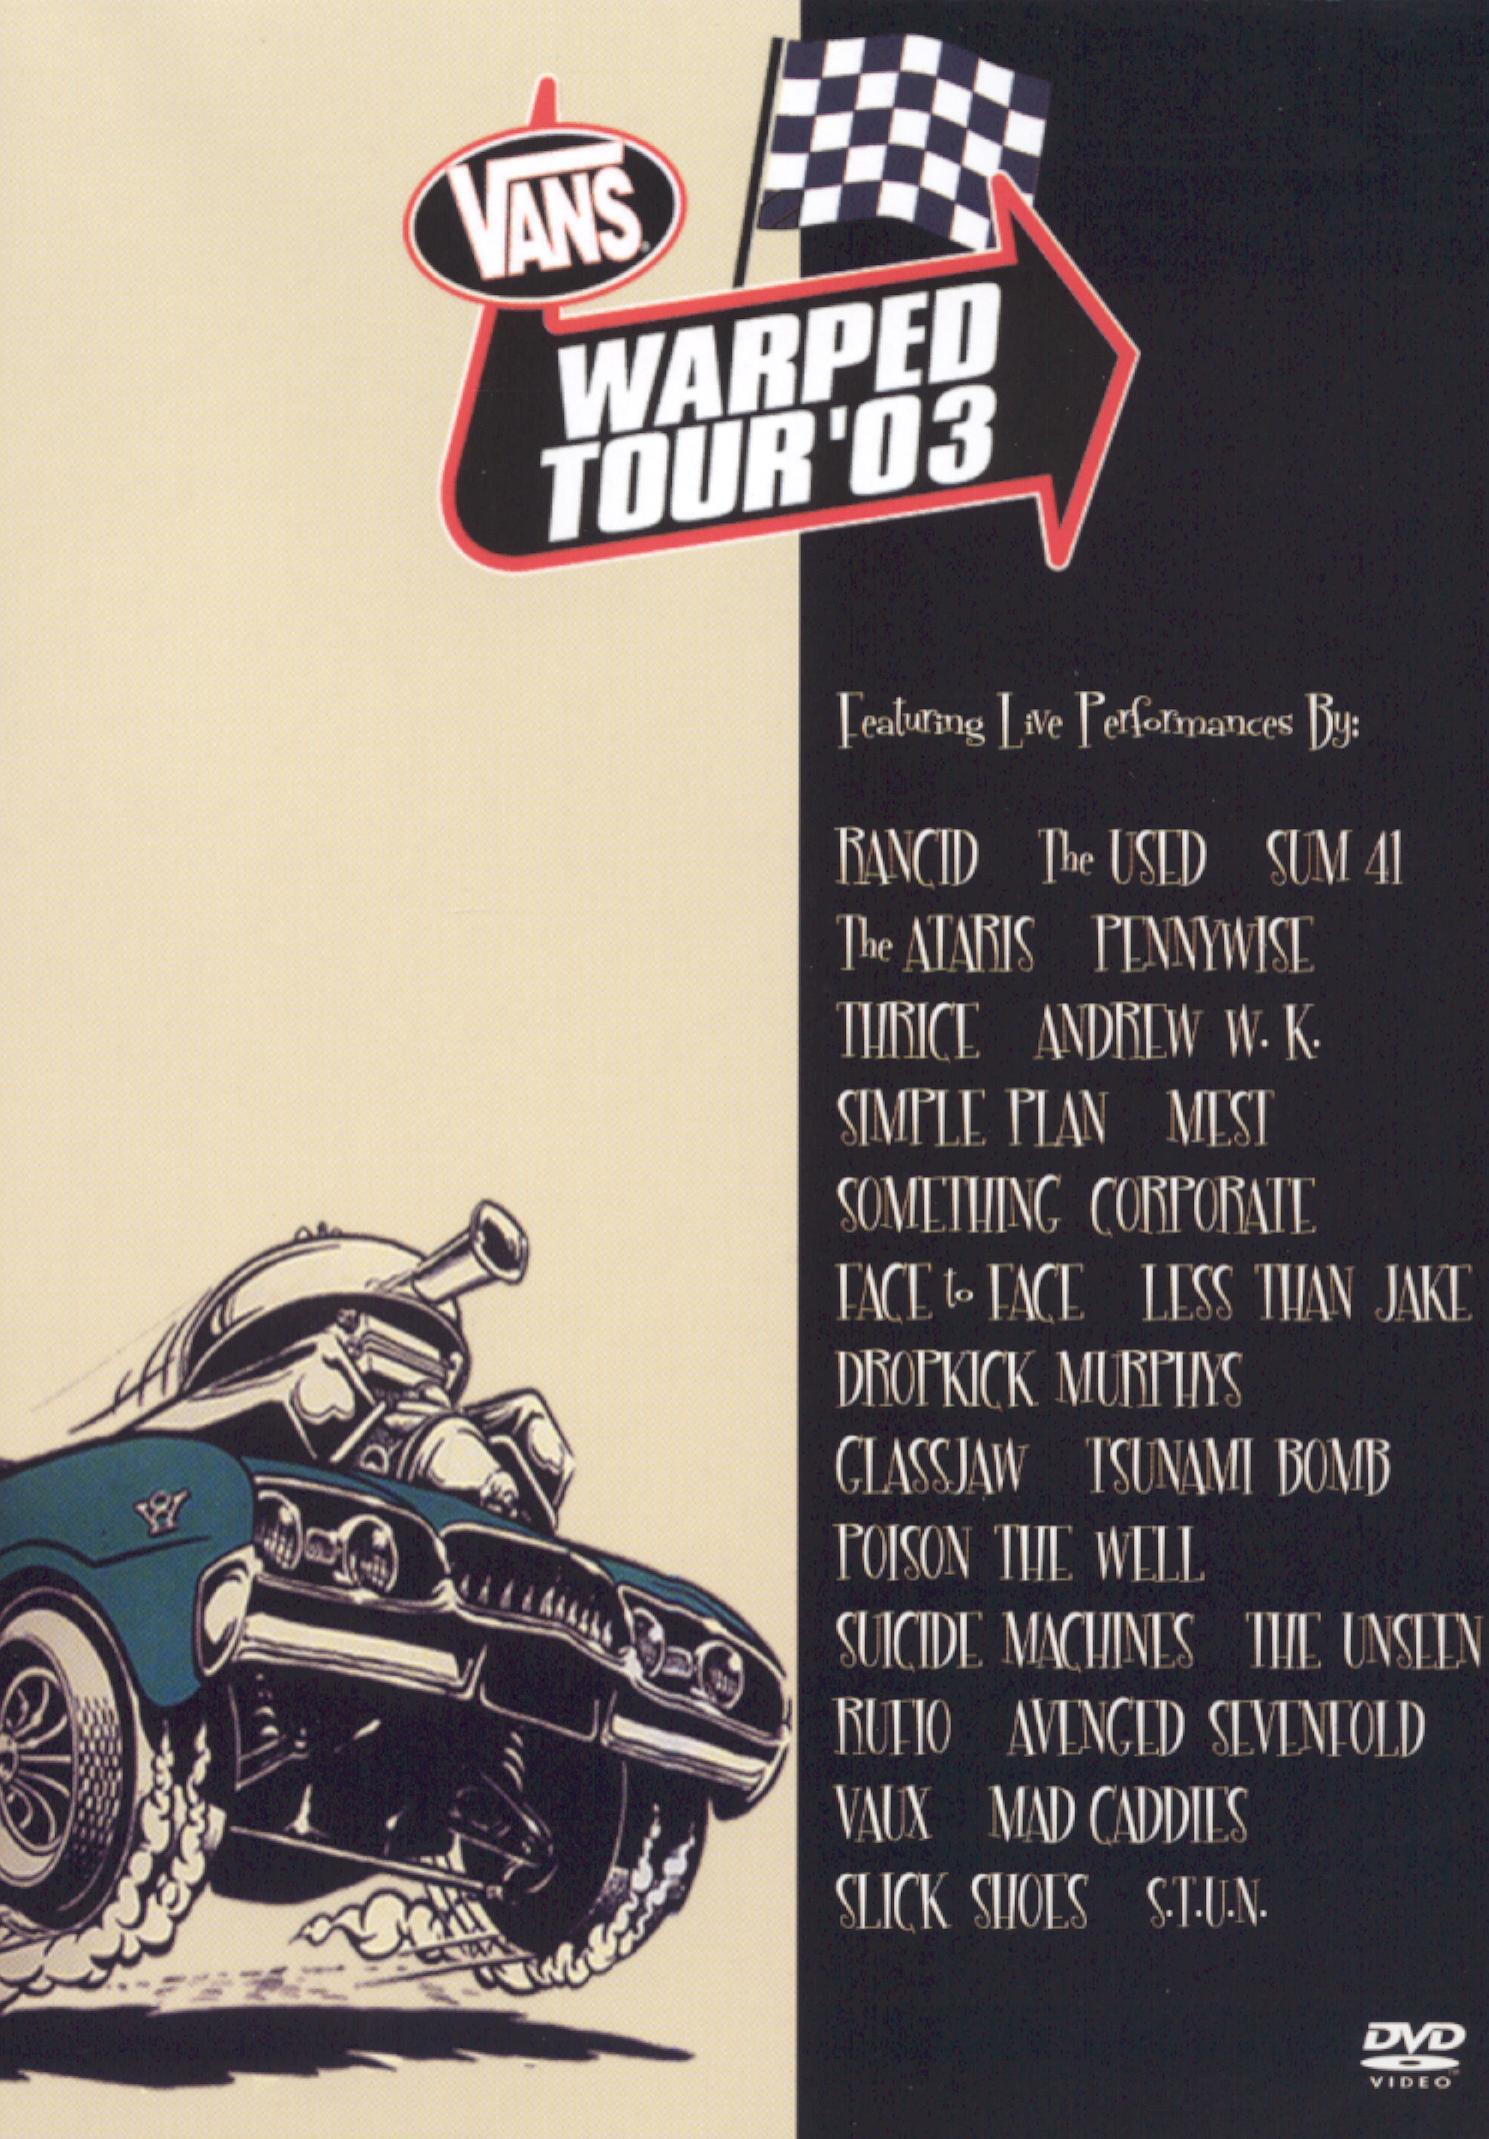 Vans Warped Tour '03